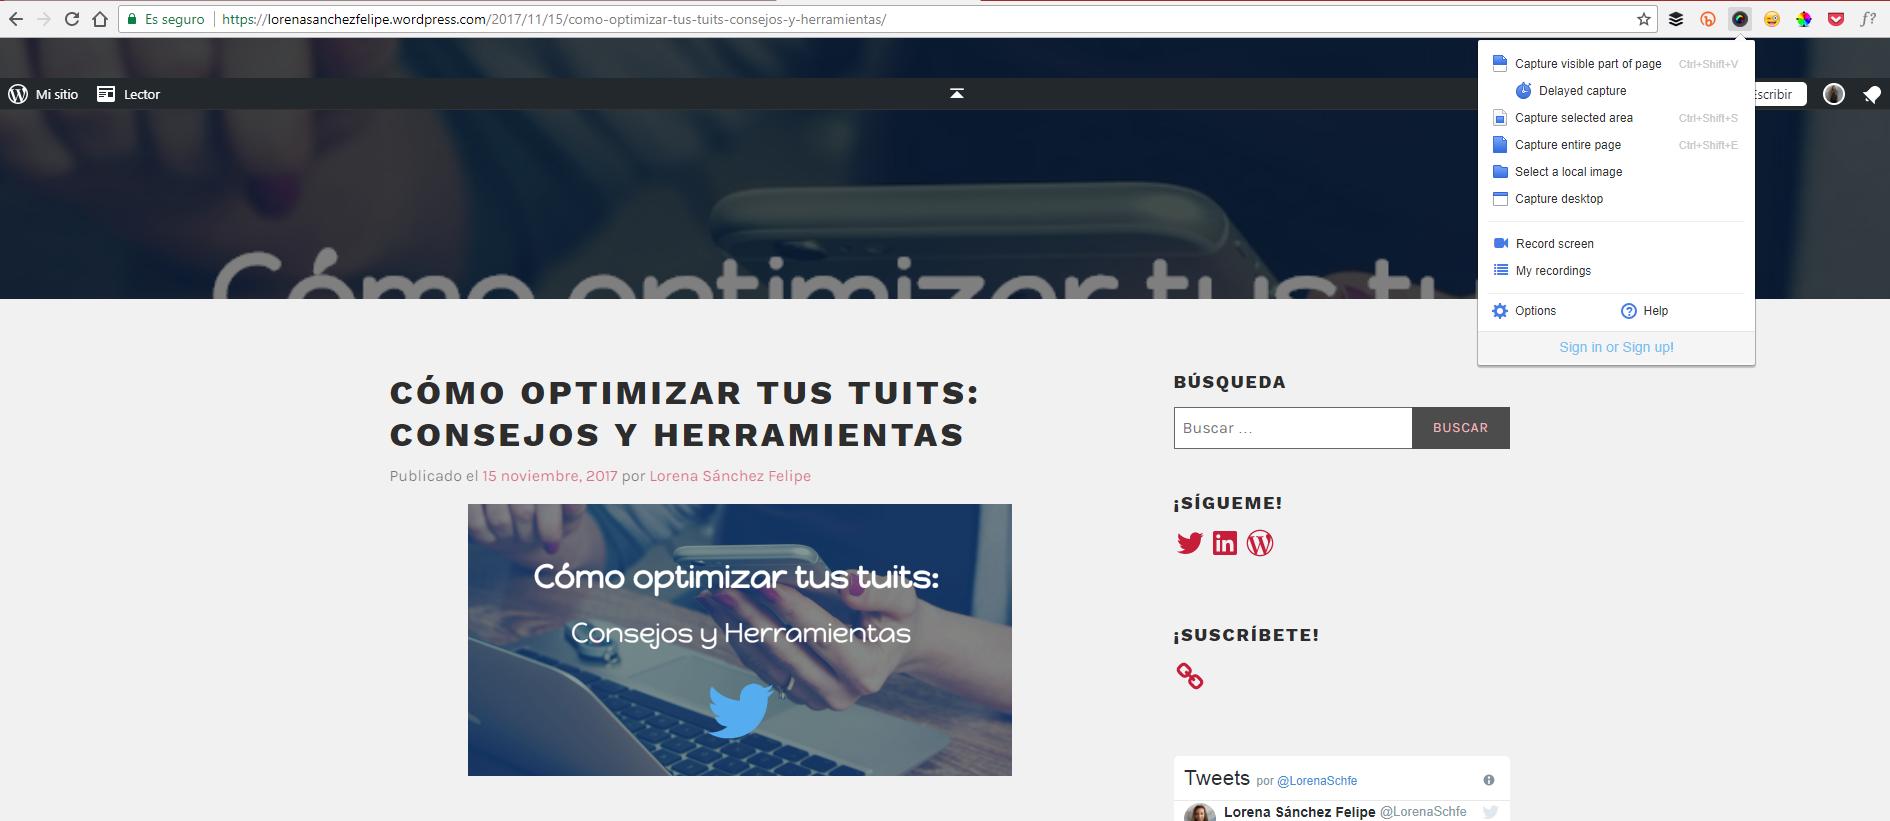 Captura pantalla pantallazos Community Manager